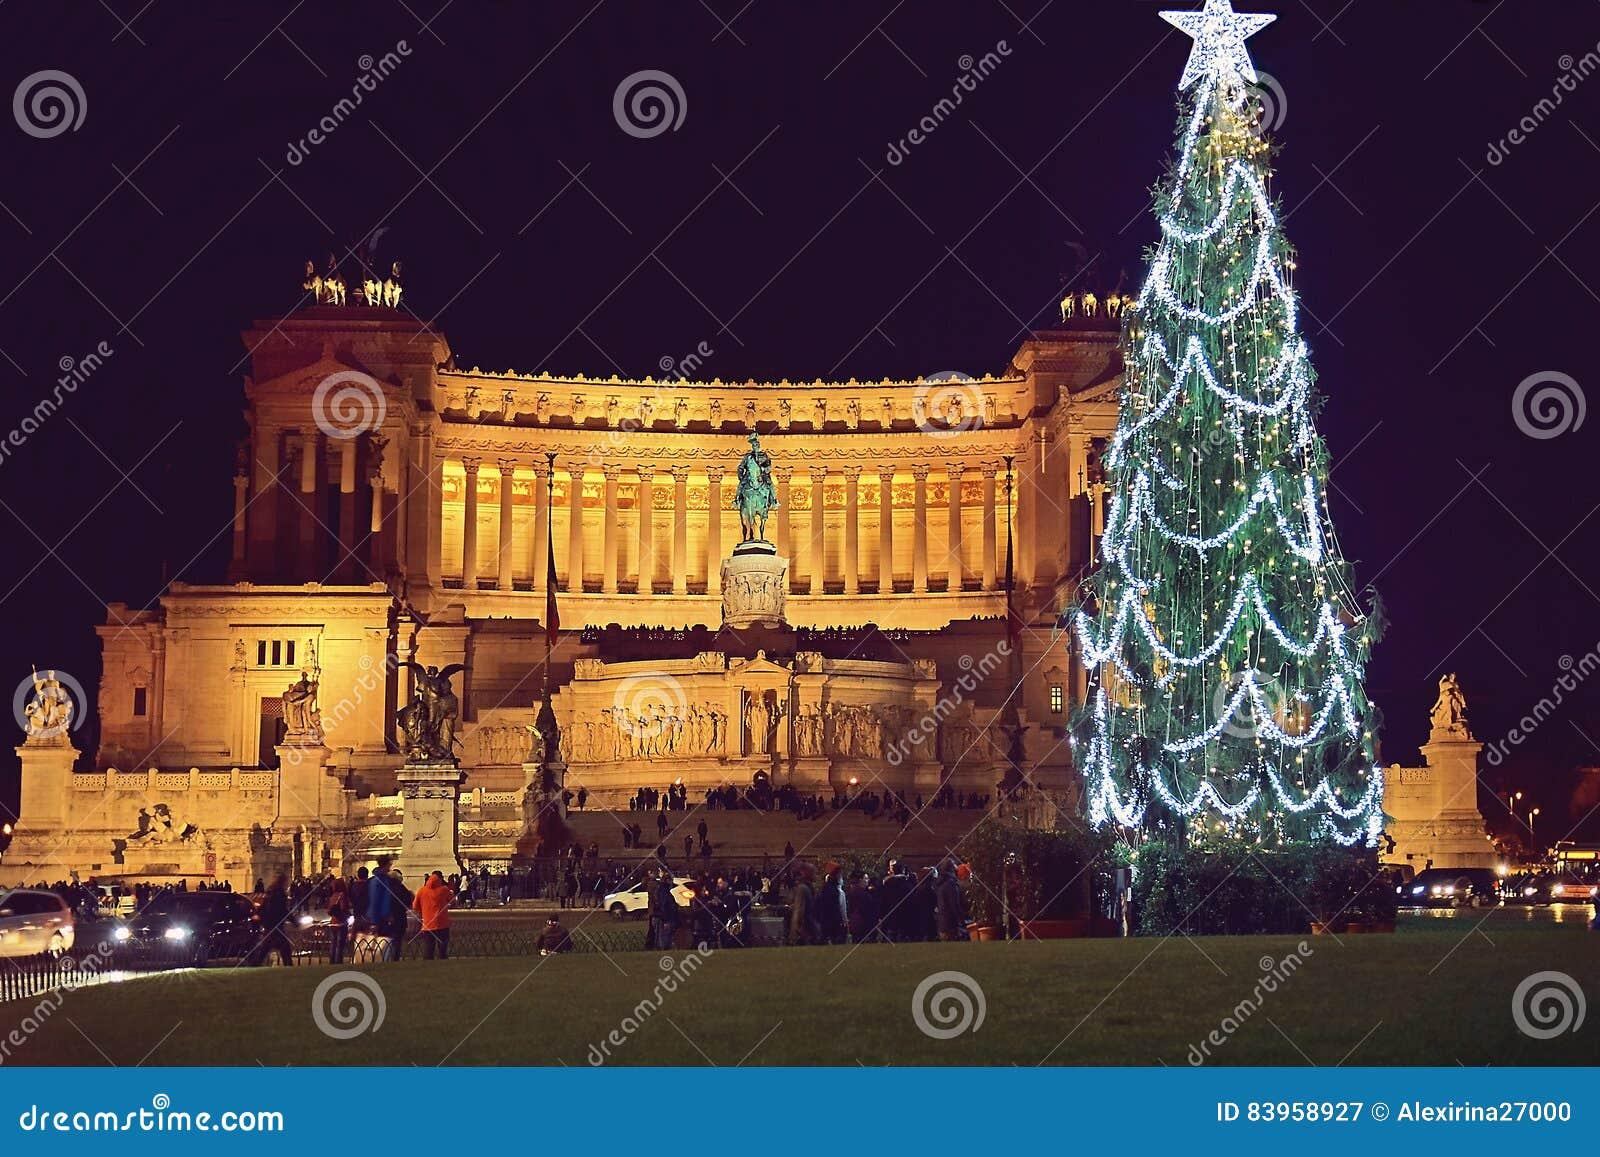 Marktplatz Venezia In Rom Auf Der Nacht Vor Weihnachten Stockbild ...